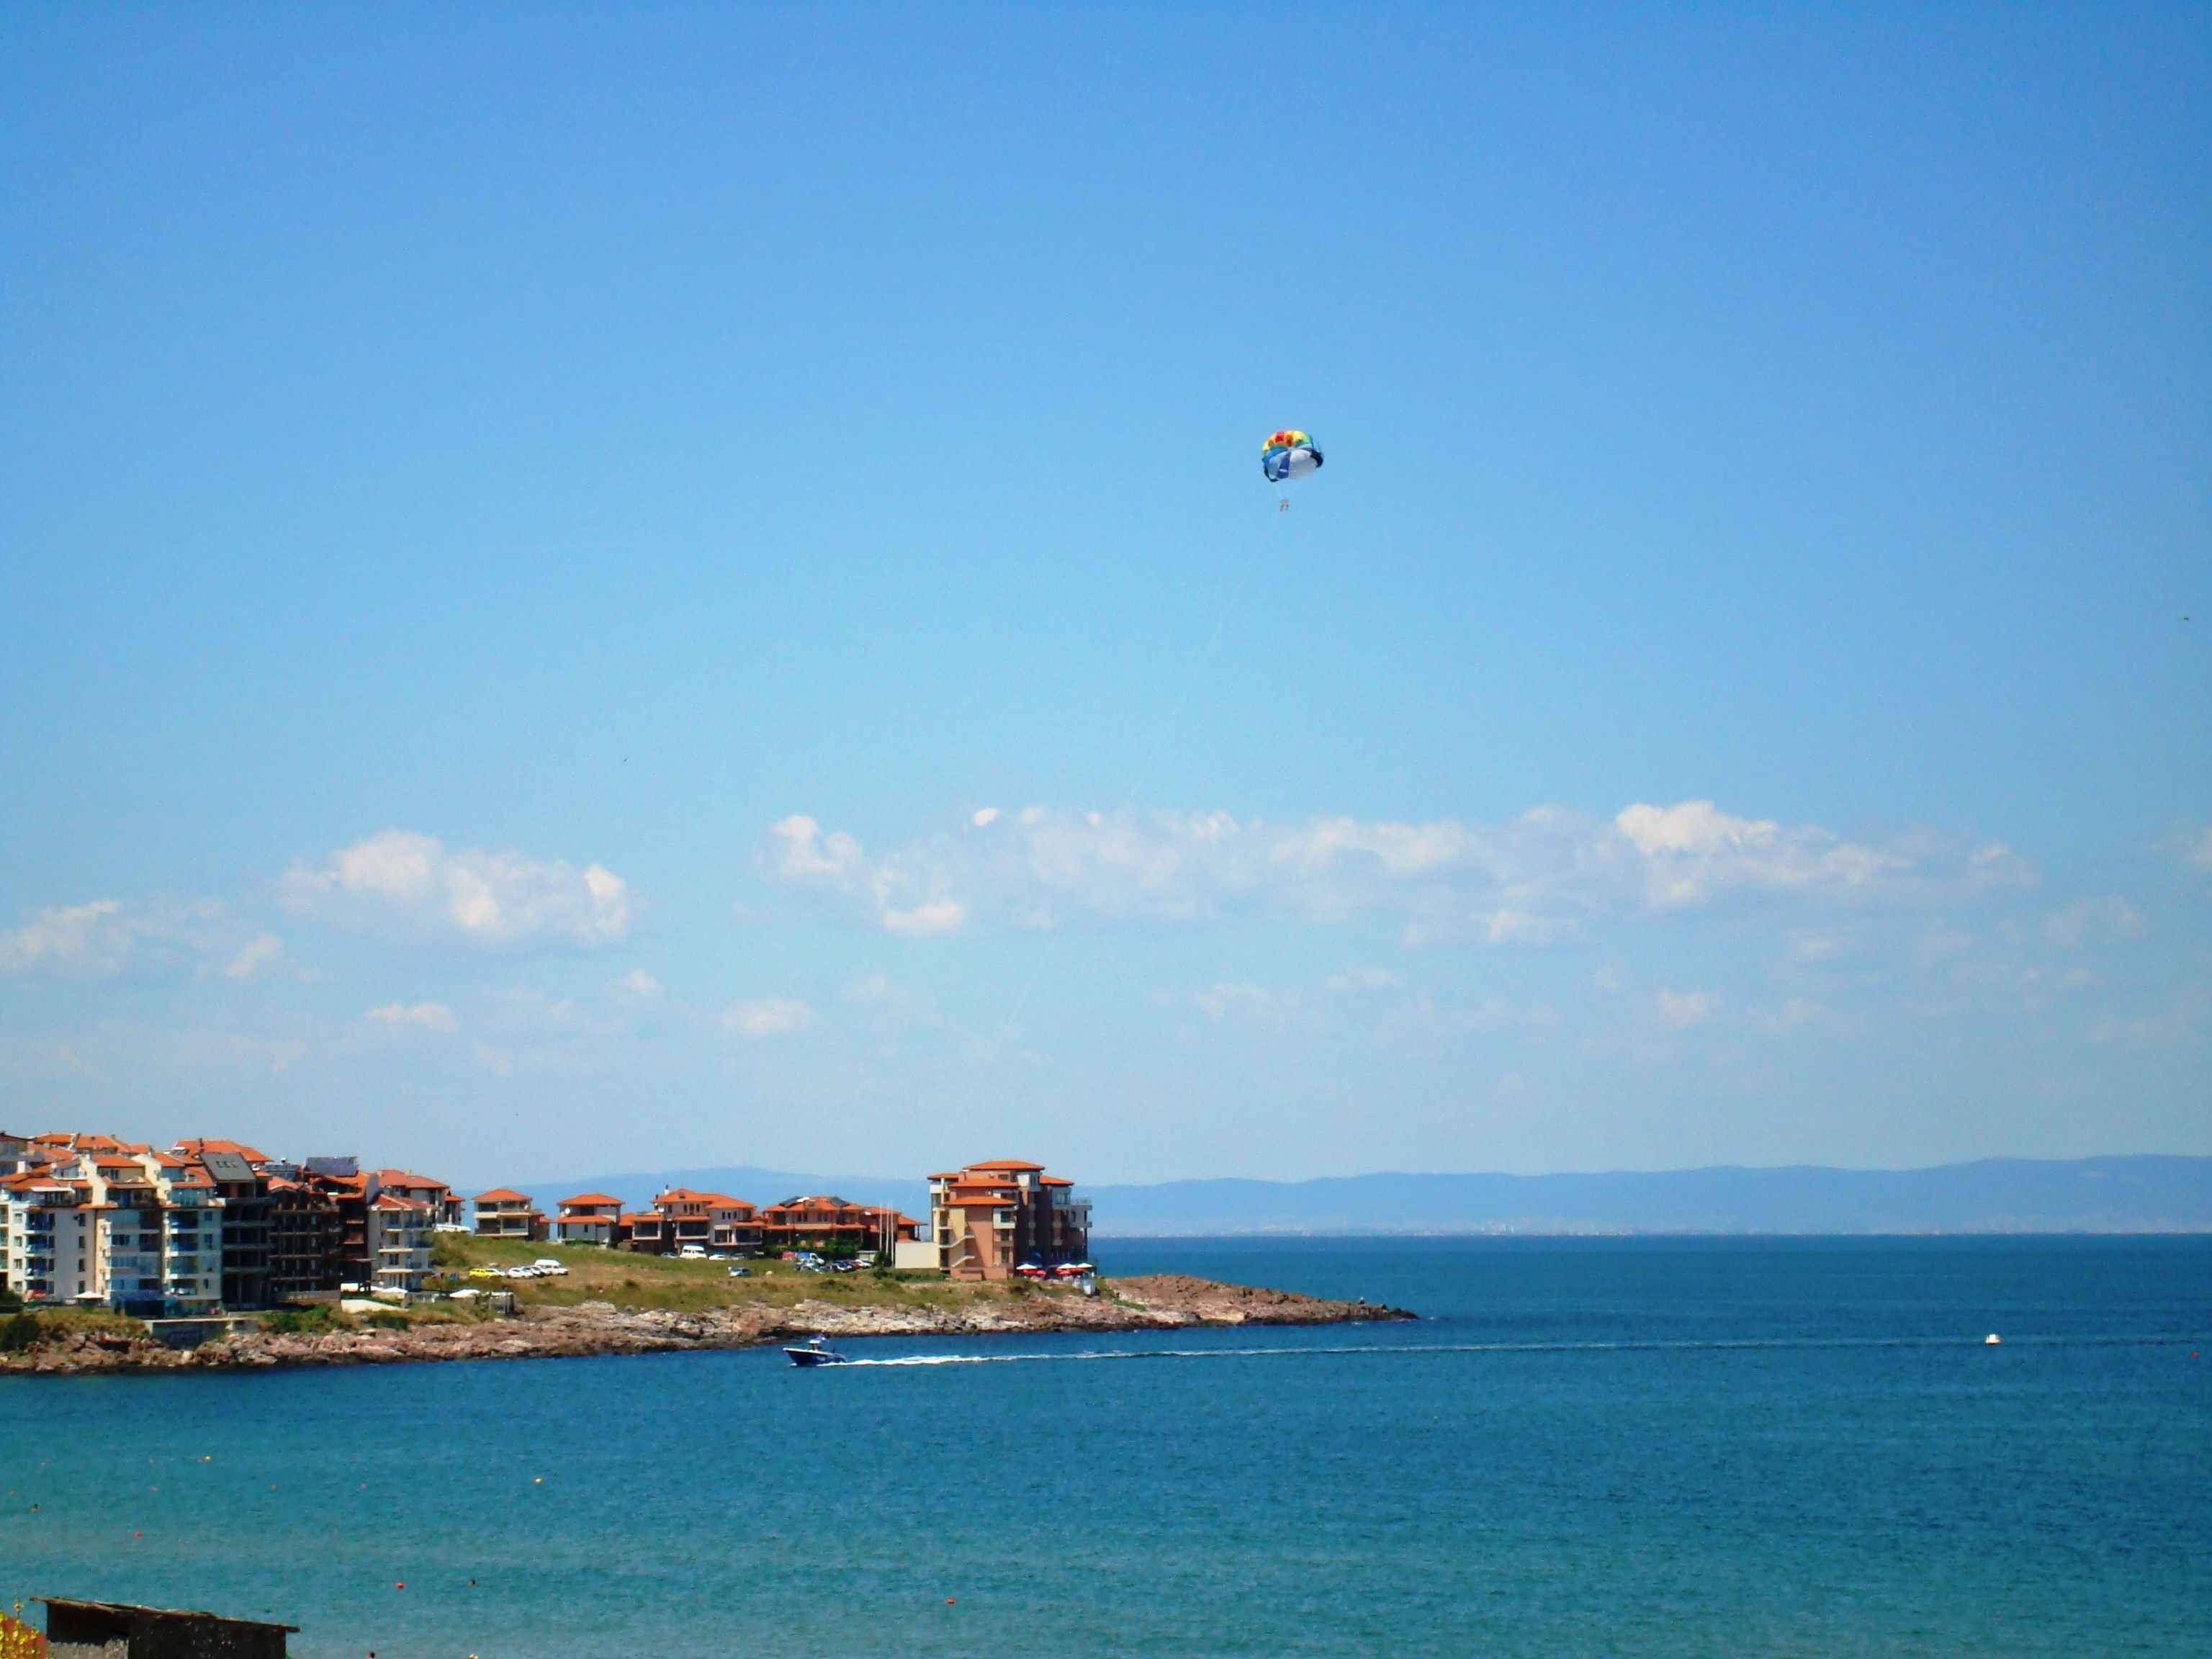 Замечательный способ ознакомиться с особенностями жизни в Болгарии перед приобретением апартаментов – это аренда недвижимости в Болгарии. Чтобы снять здесь